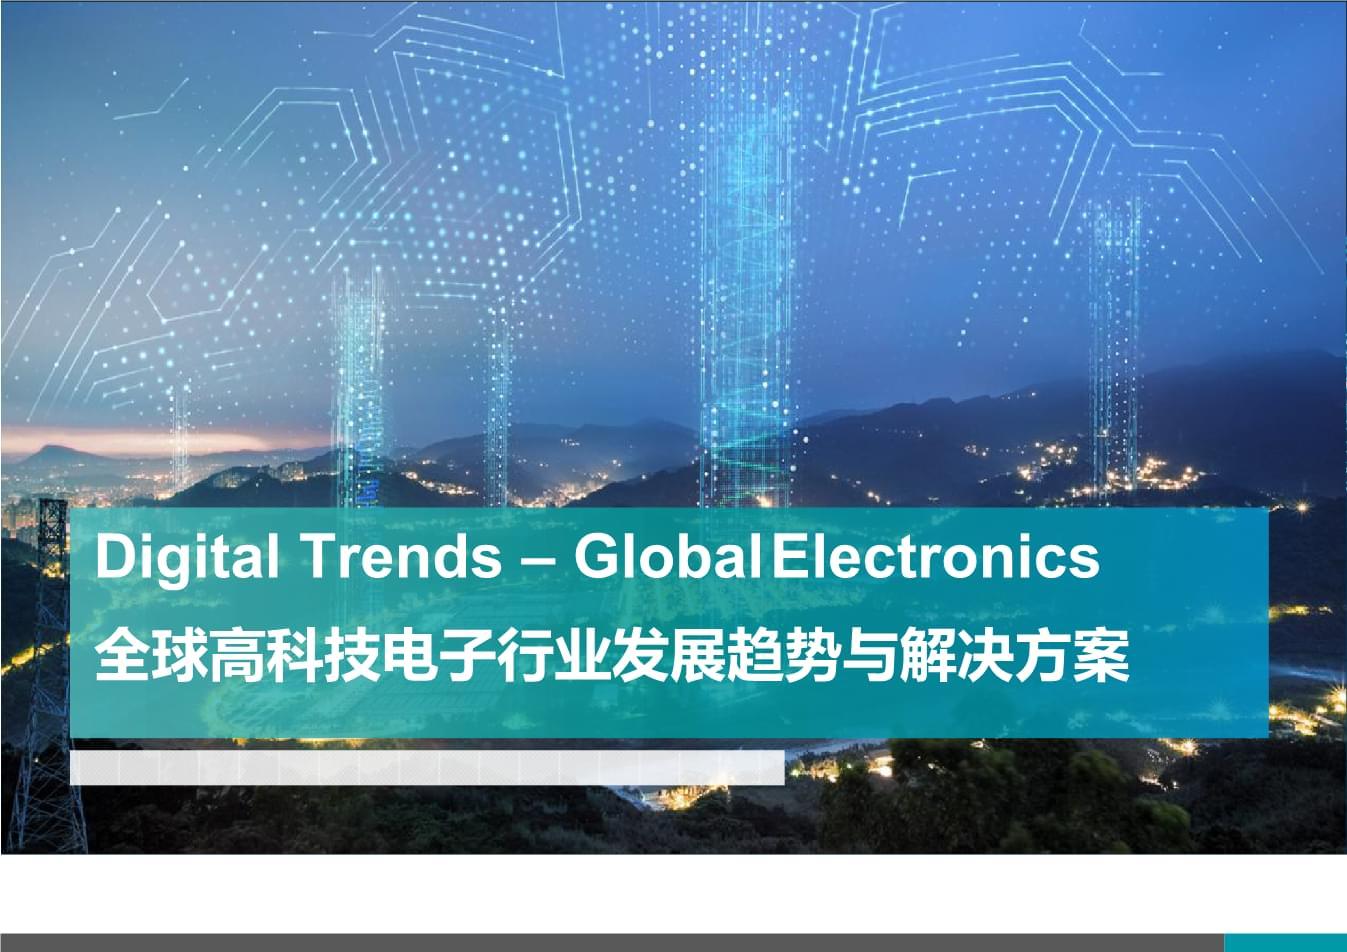 全球高科技电子行业发展趋势与解决方案.pptx